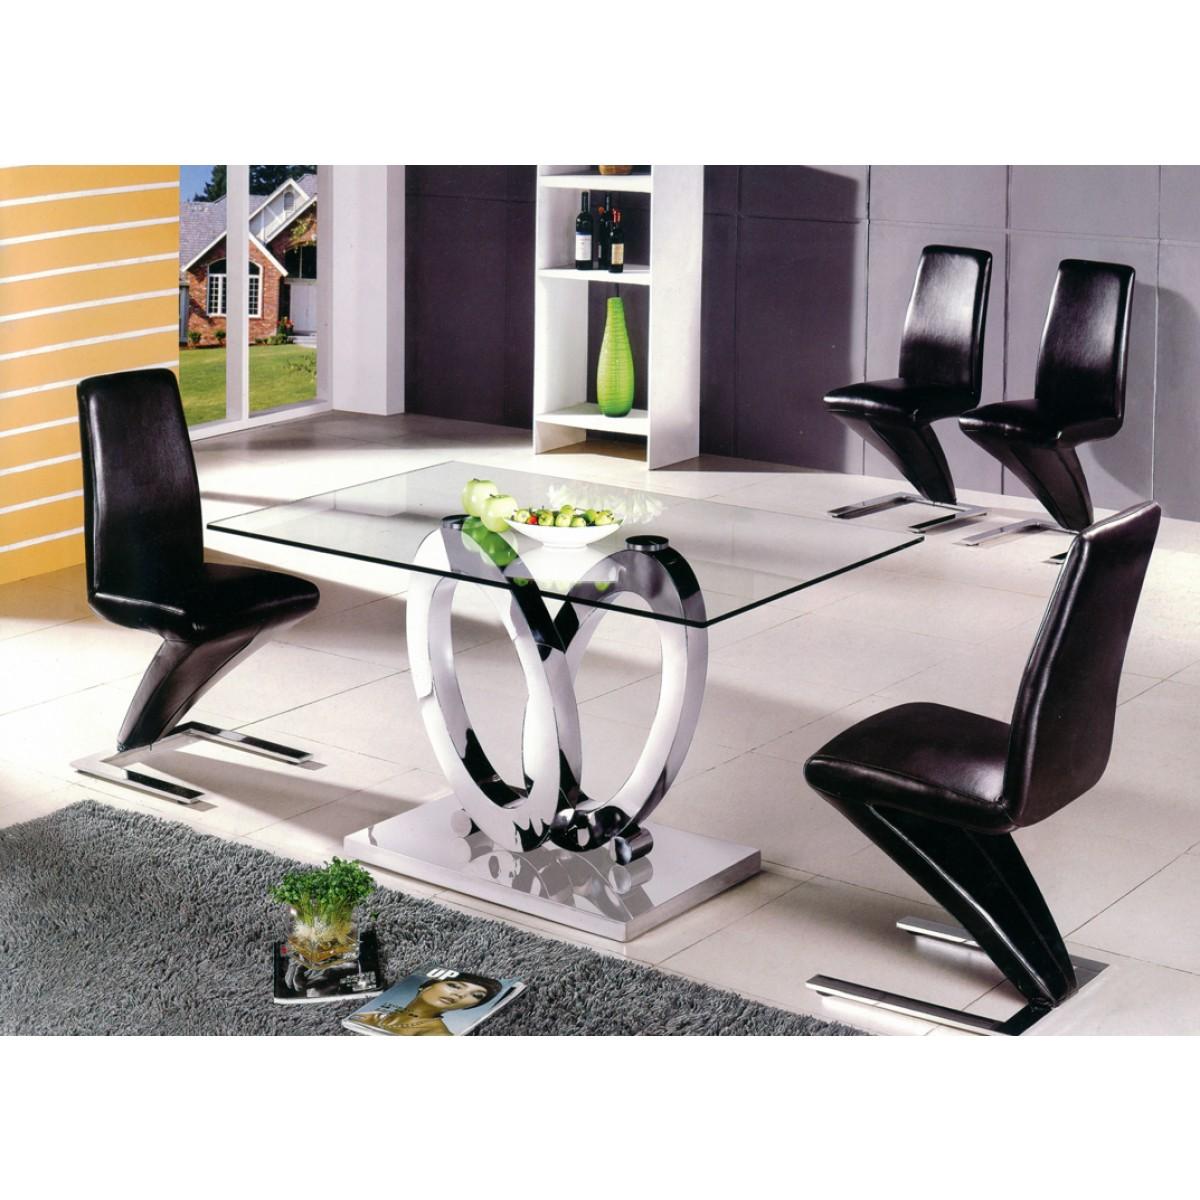 Table de salle  manger Design Ellipse taille au choix  Tables de salle  manger  Tables